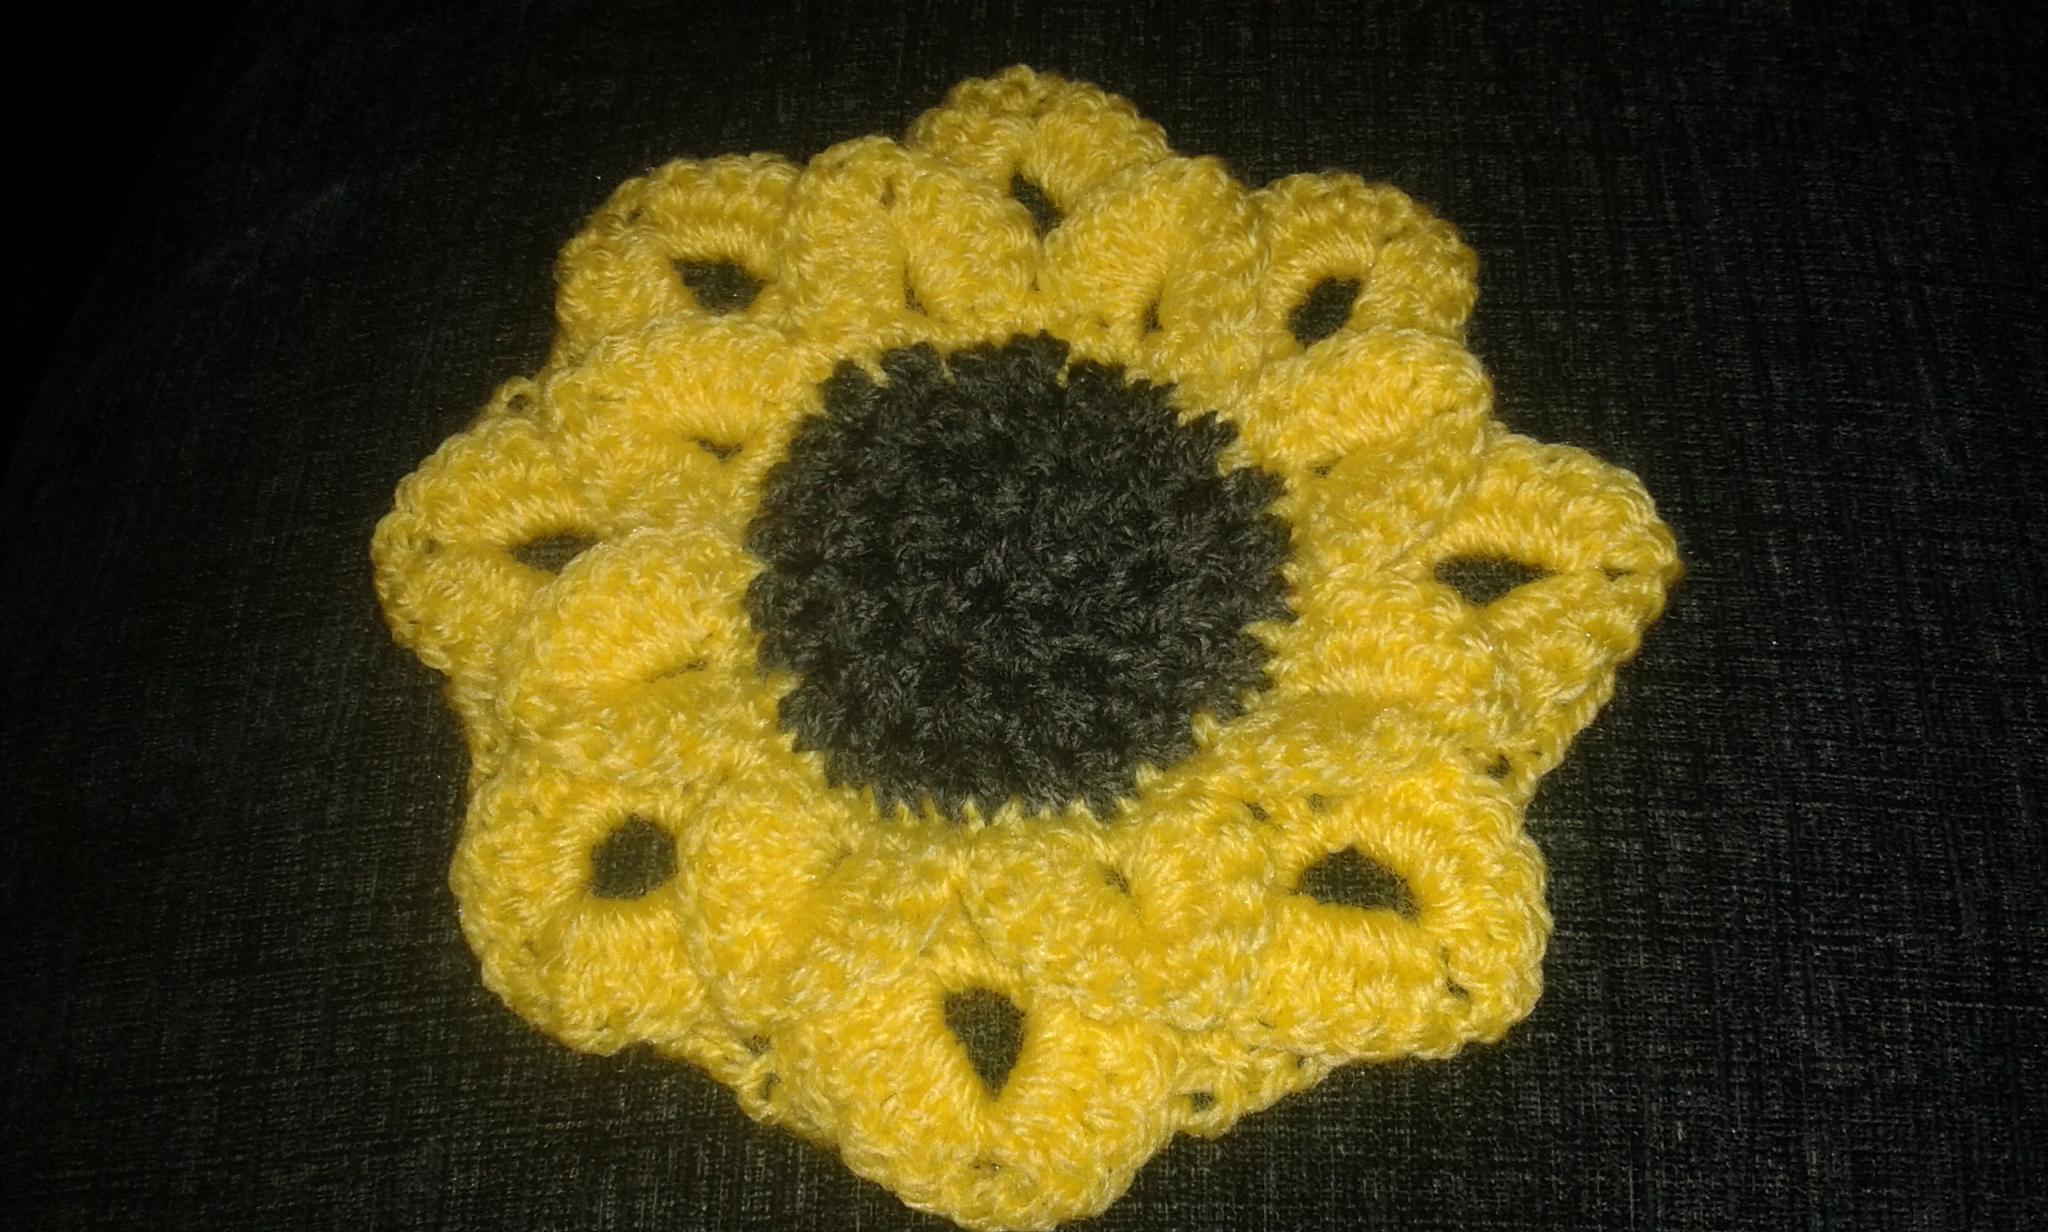 Outside-In Crochet Sunflower Motif (Crocodile Stitch Petals)